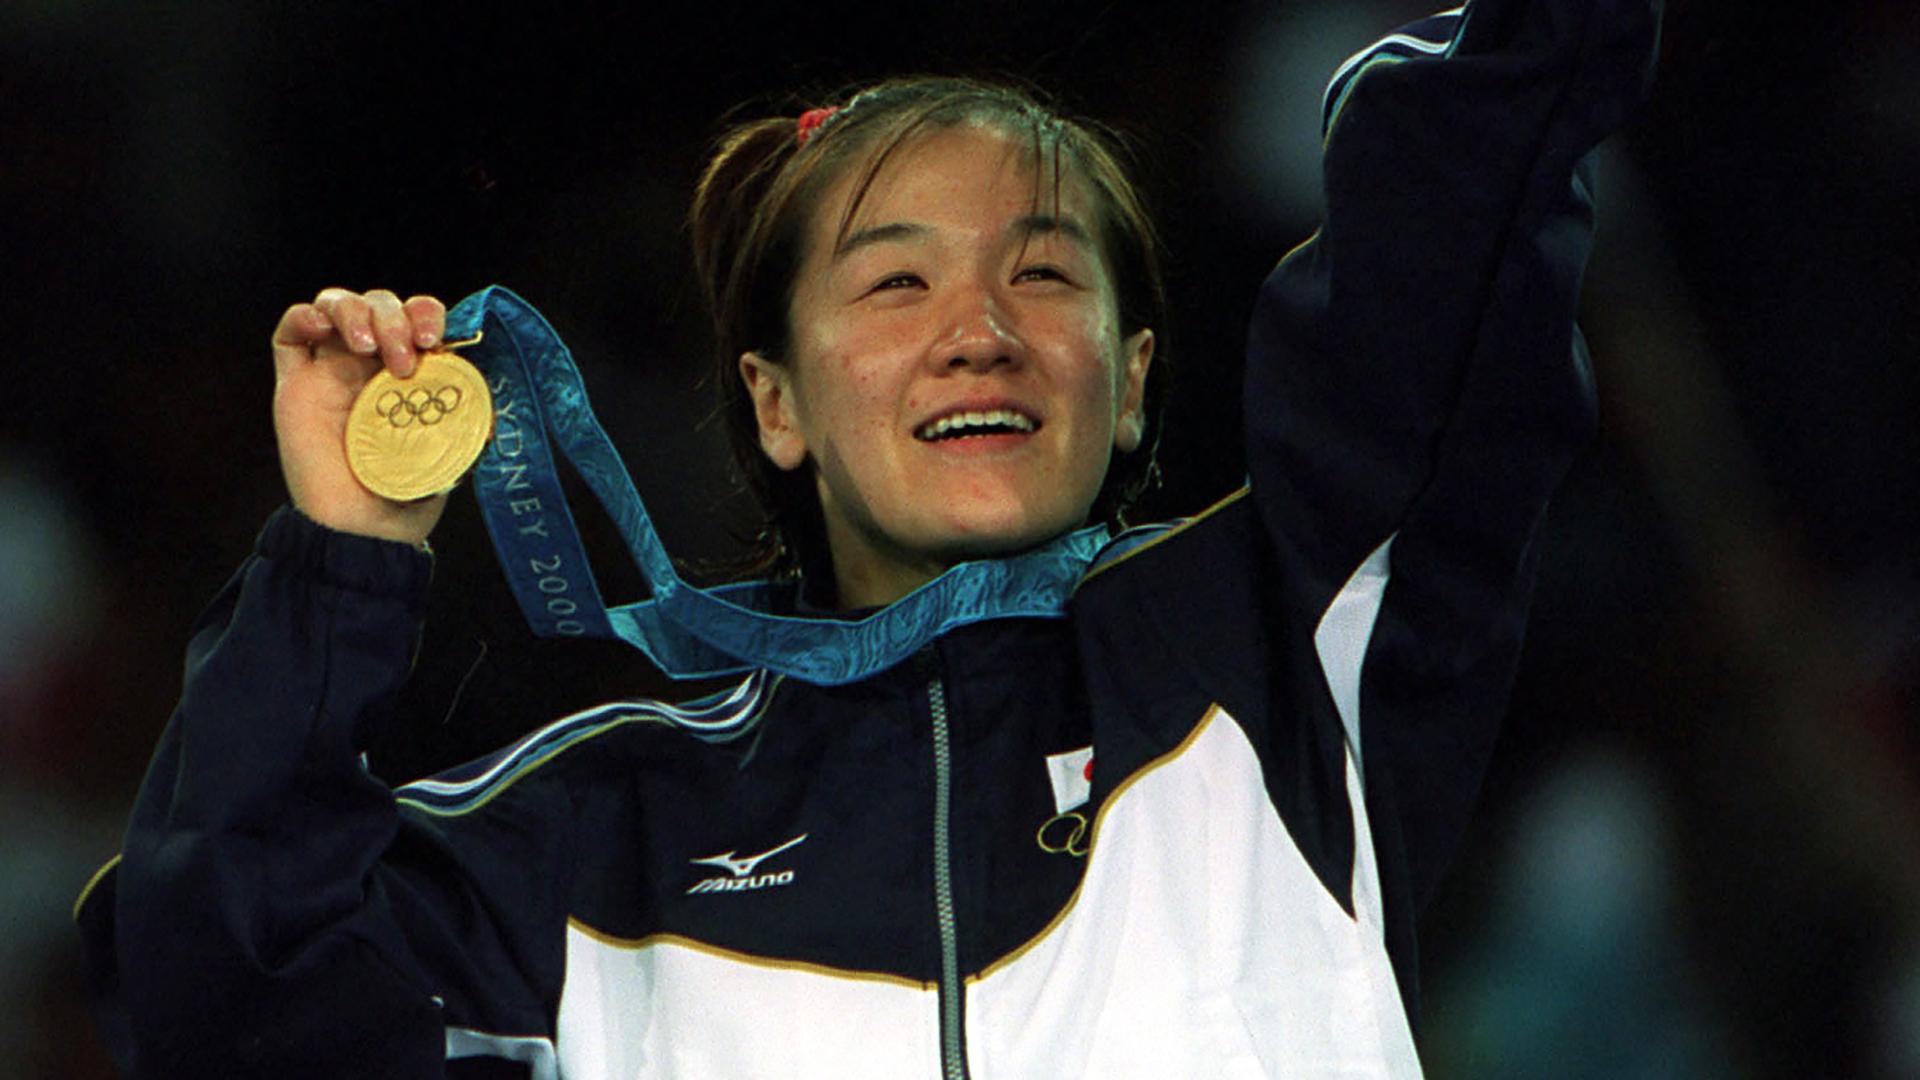 【オリンピック名場面】シドニー五輪(2000年)柔道女子48kg級で、谷亮子が悲願の金メダルを獲得した瞬間を振り返る